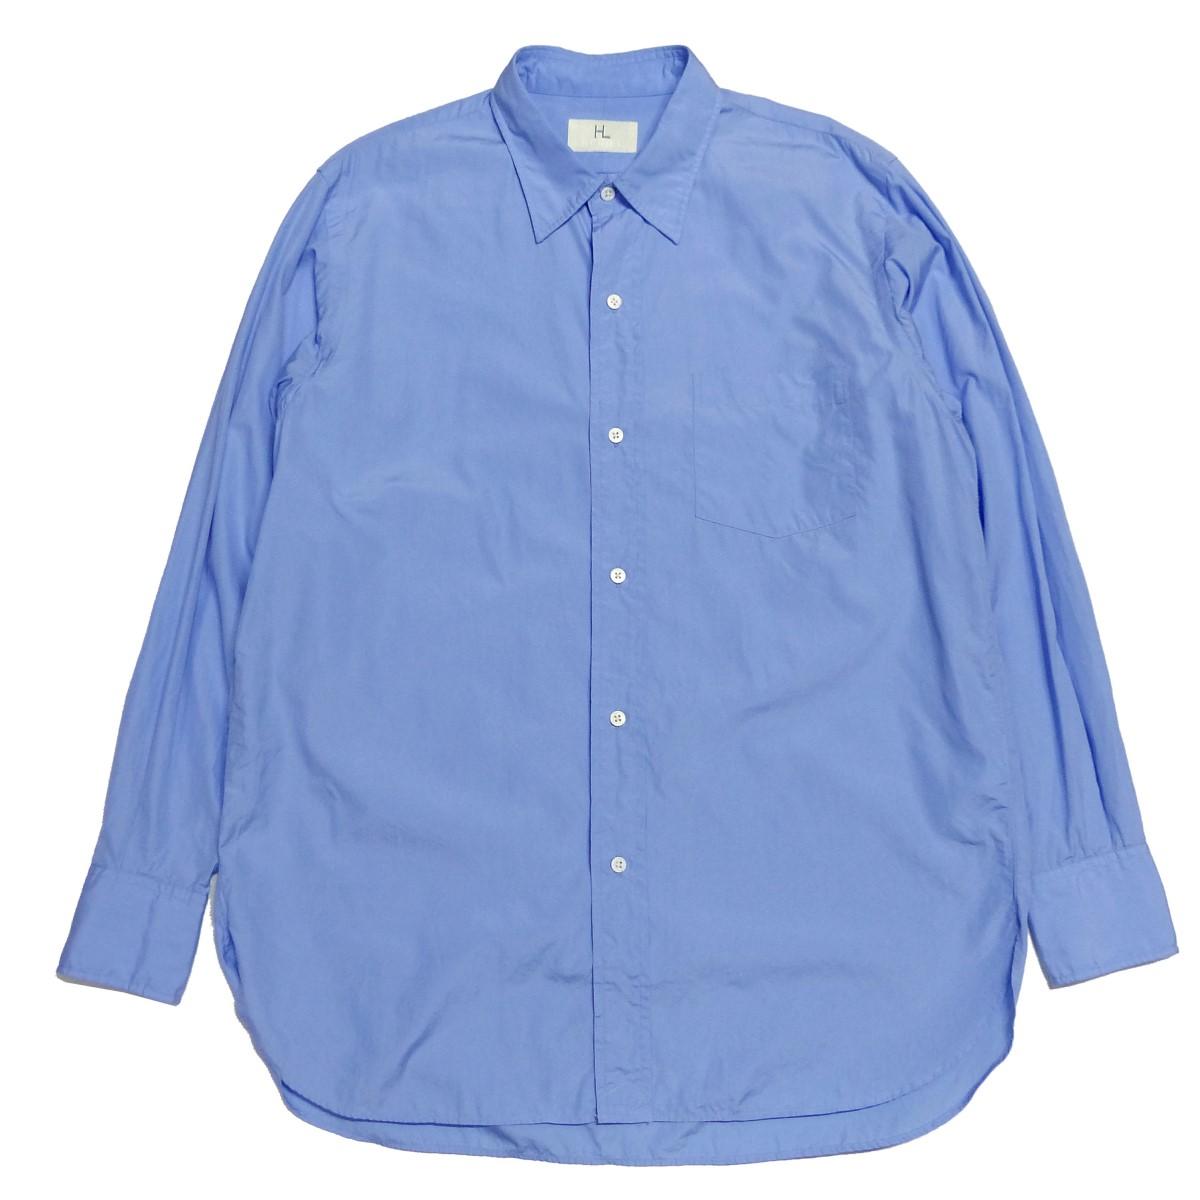 ヘリル 中古 HERILL 高い素材 21SS Suvin Reguler サイズ:1 サックスブルー Coller 300521 Shirts レギュラーシャツ 休み